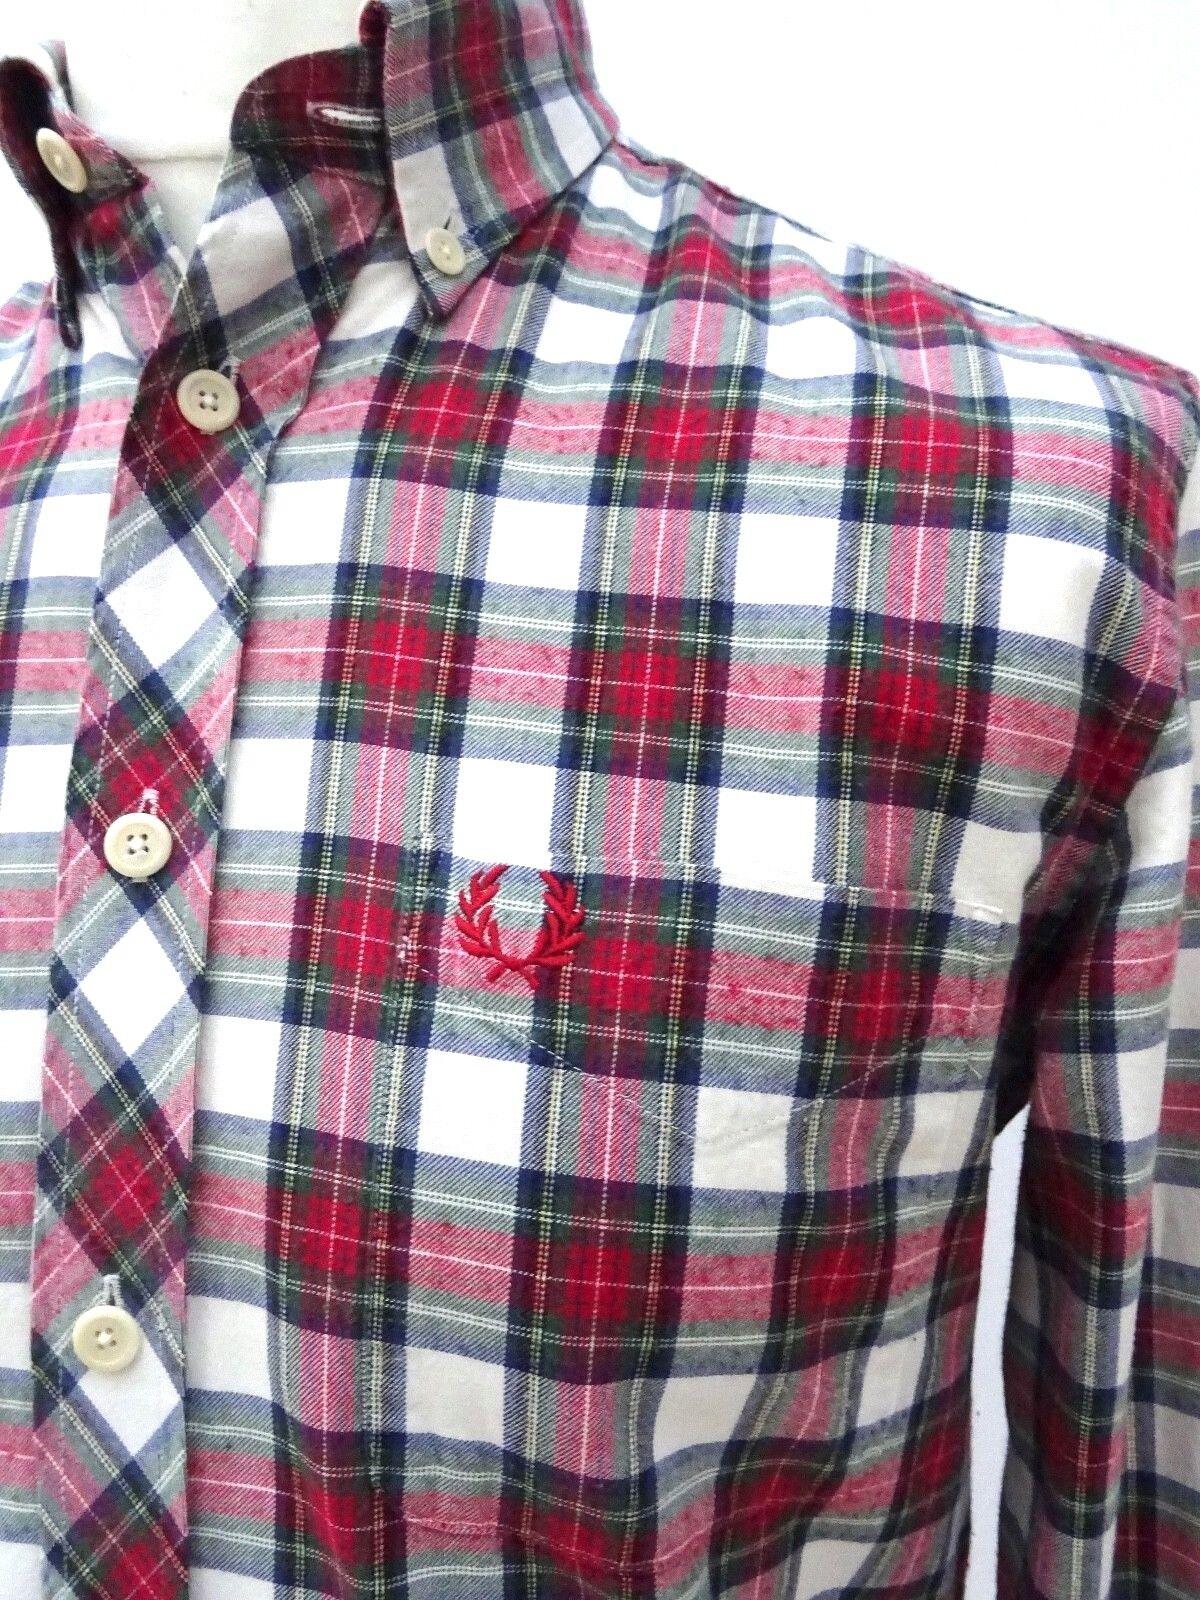 FRED PERRY UOMO Superbo Superbo Superbo  RRP caldo Tartan Check camicia taglia small  3444 10b71f